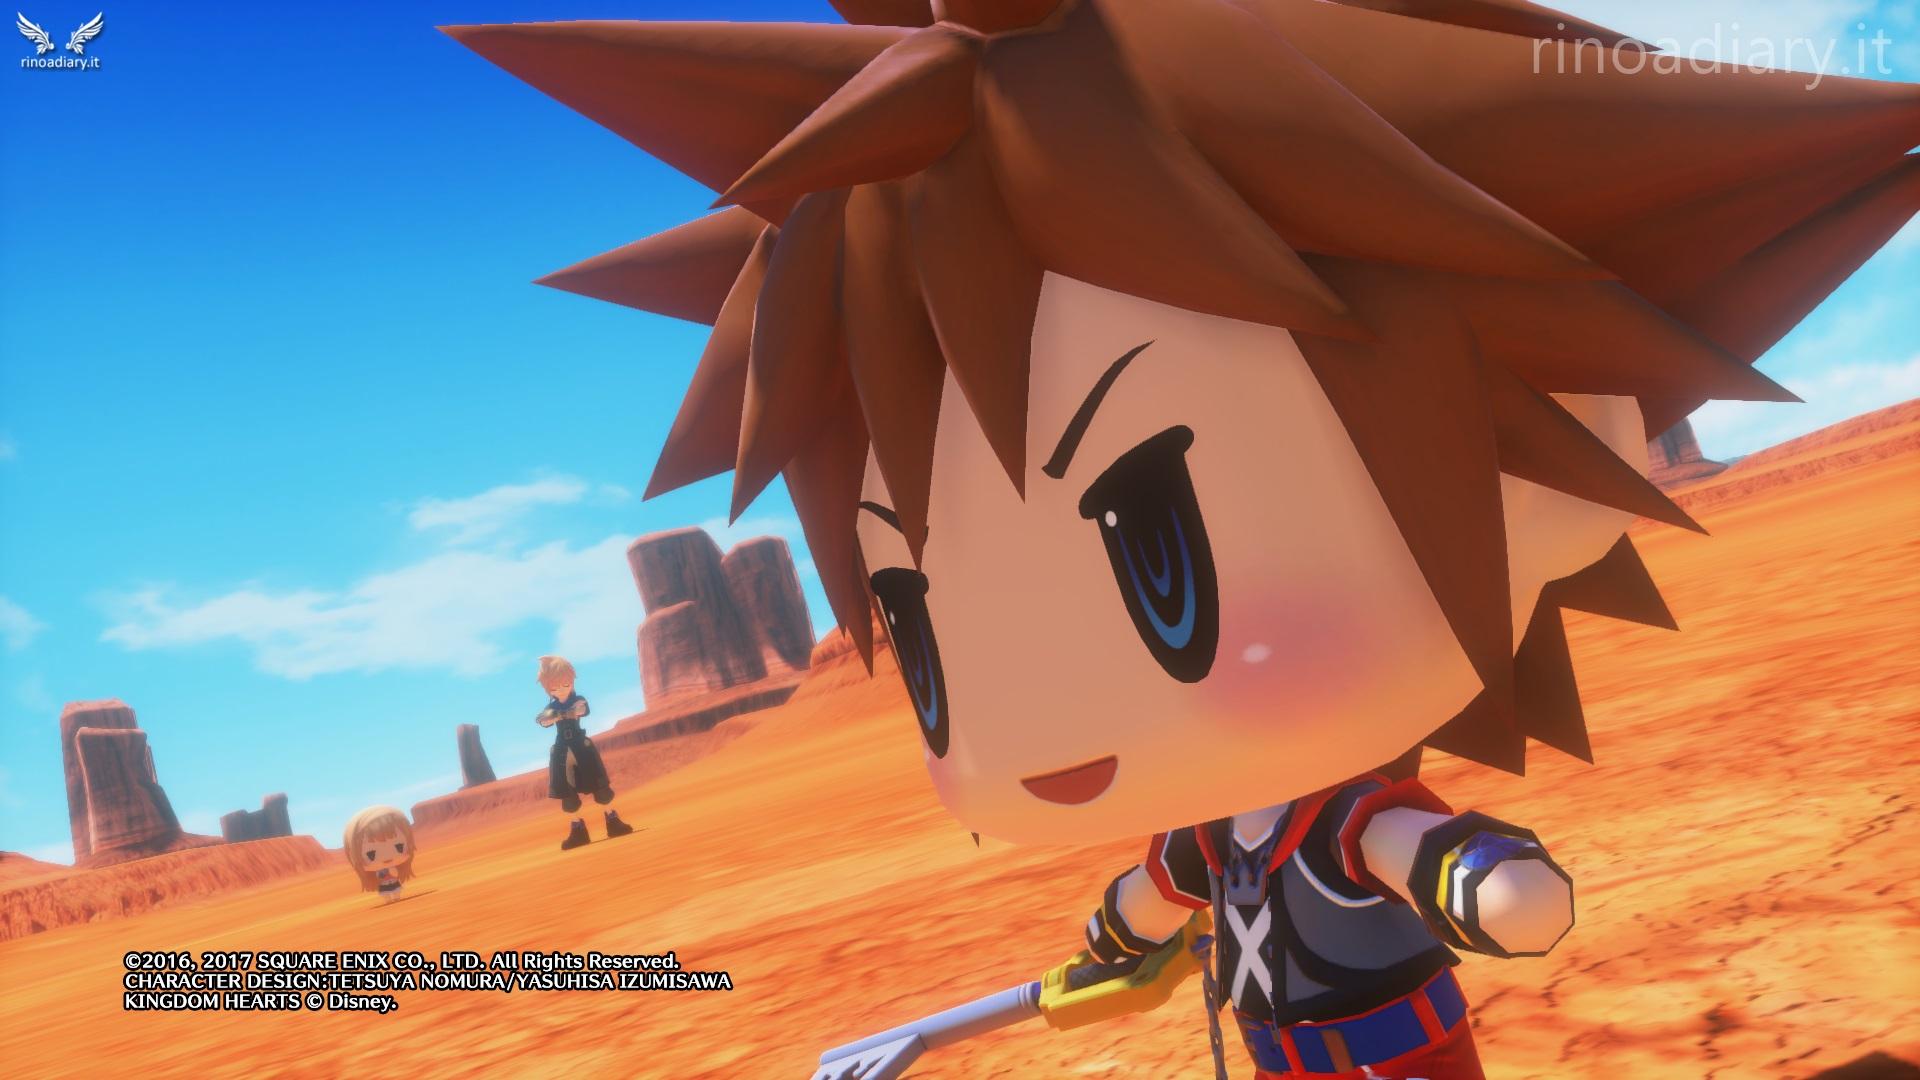 E' arrivato Sora, nuovo Campione di World of Final Fantasy!